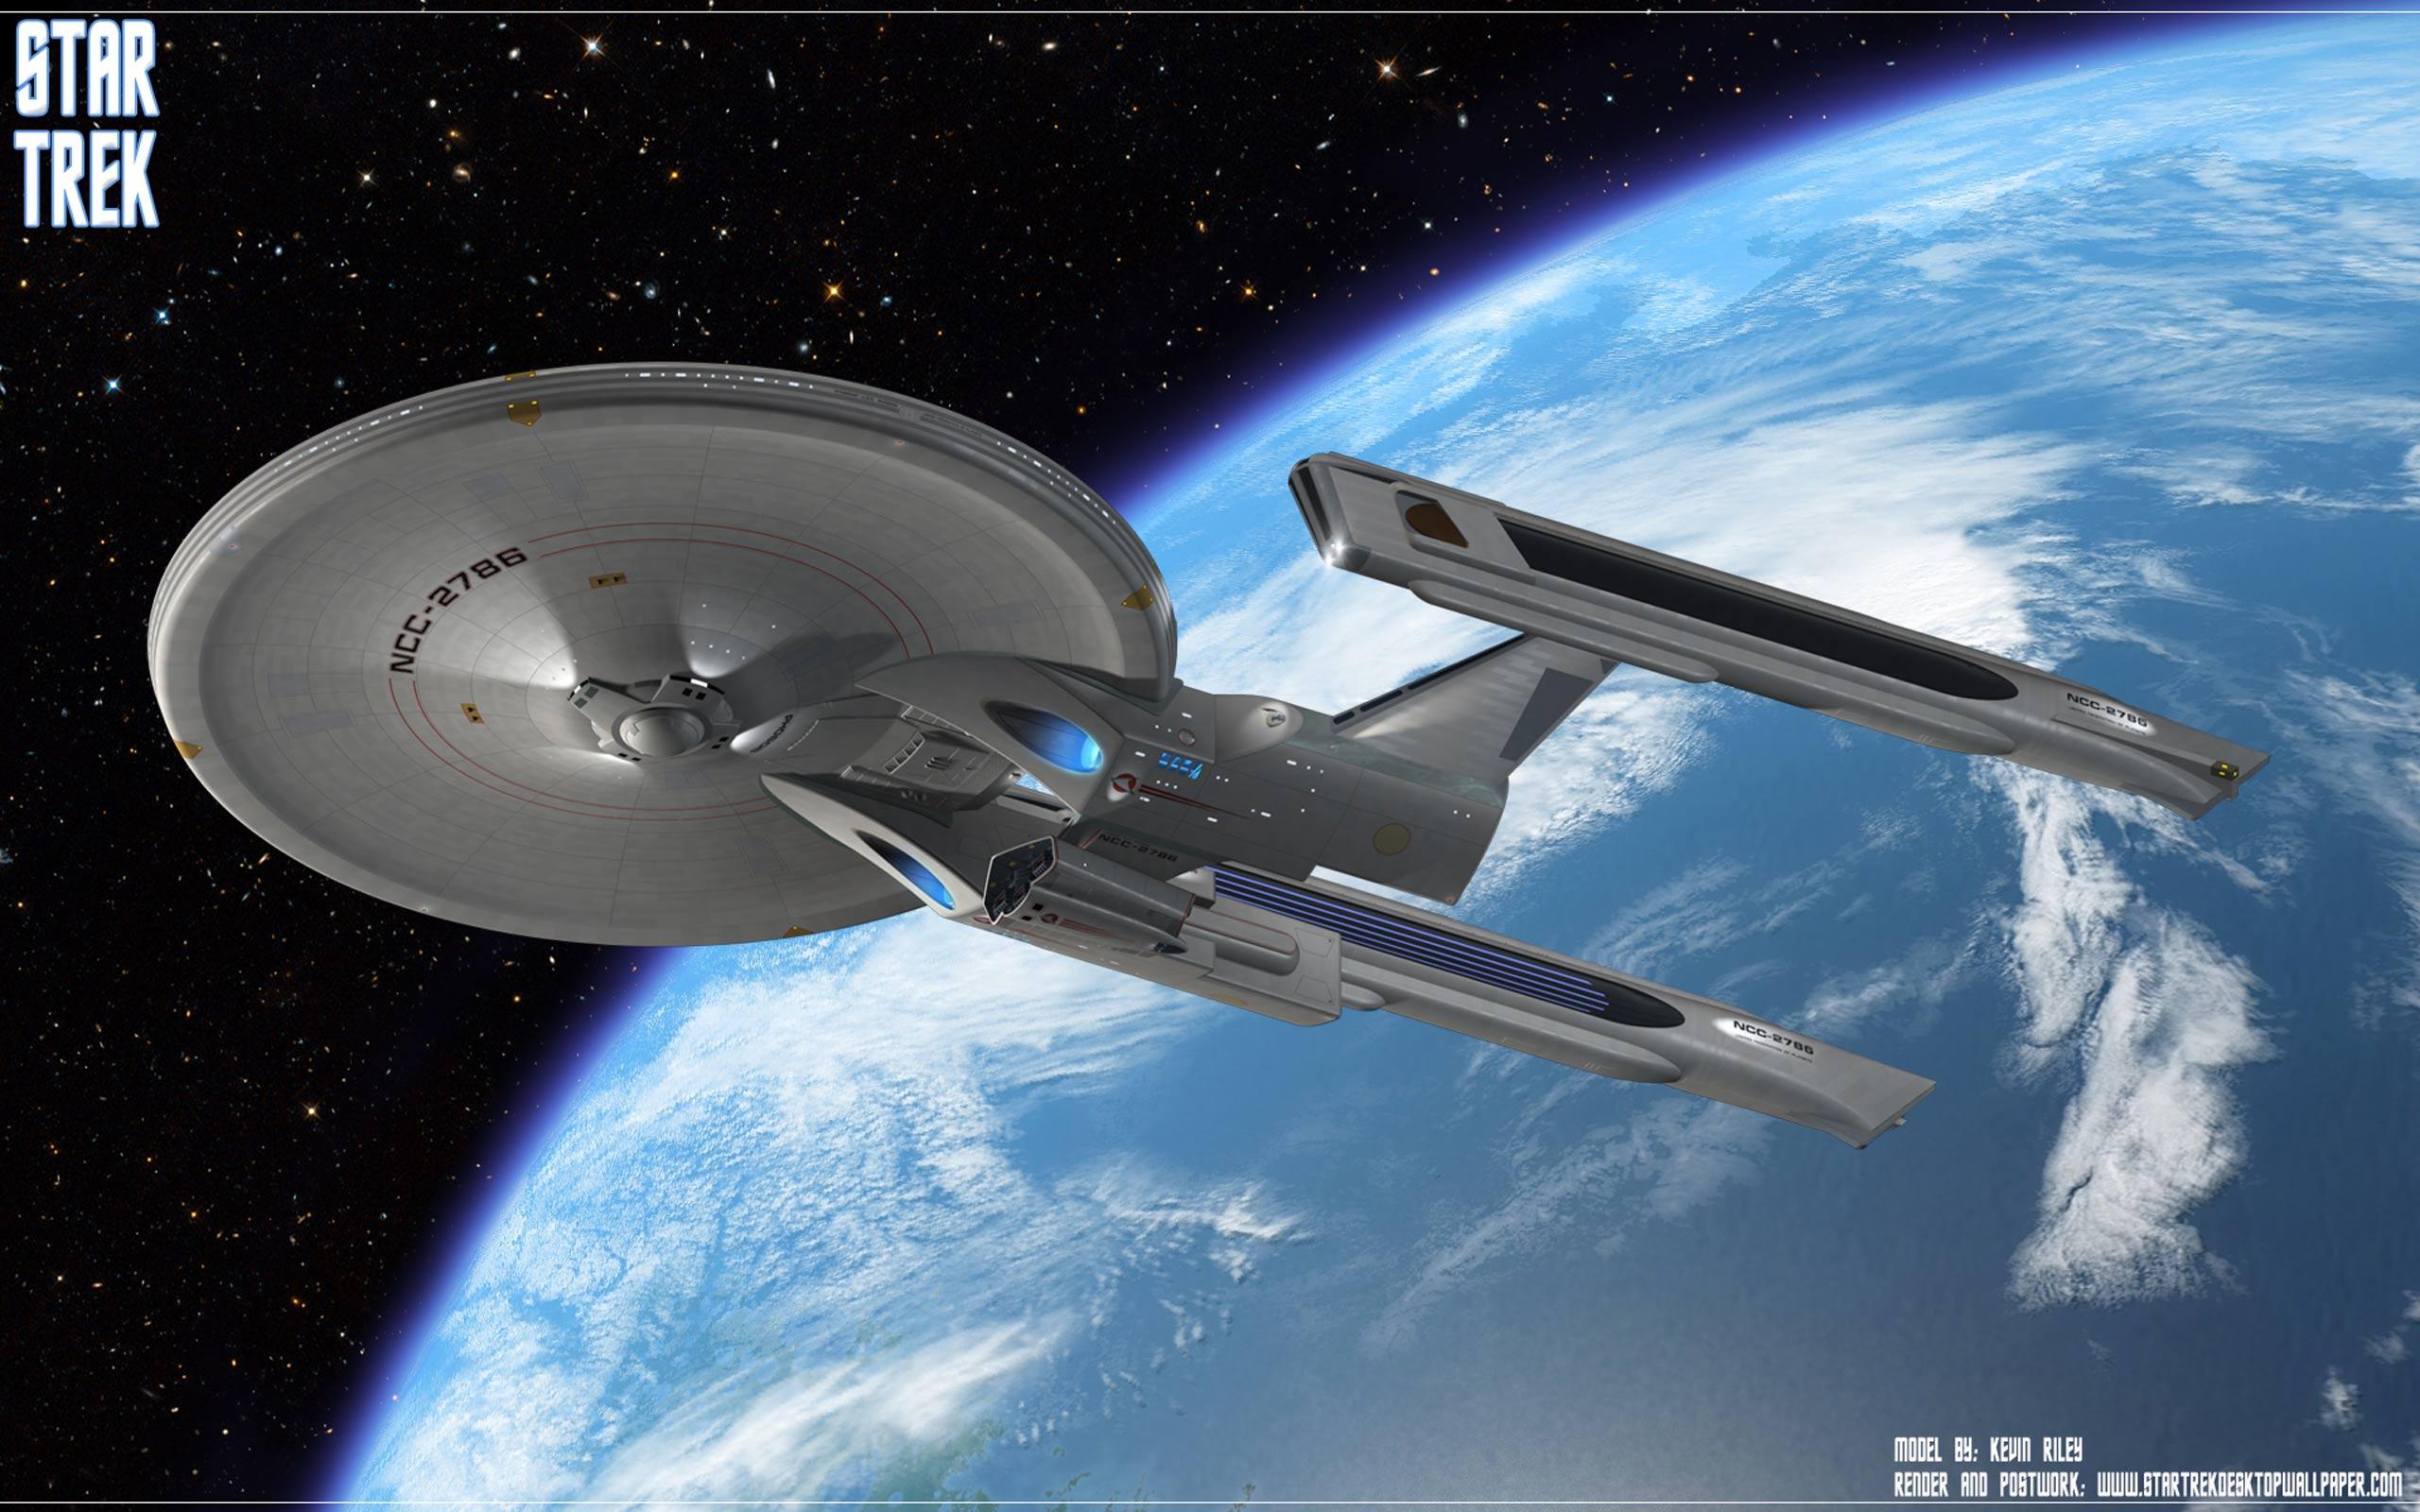 Star Trek Ships Trek Star Trek Ships And 2560x1600